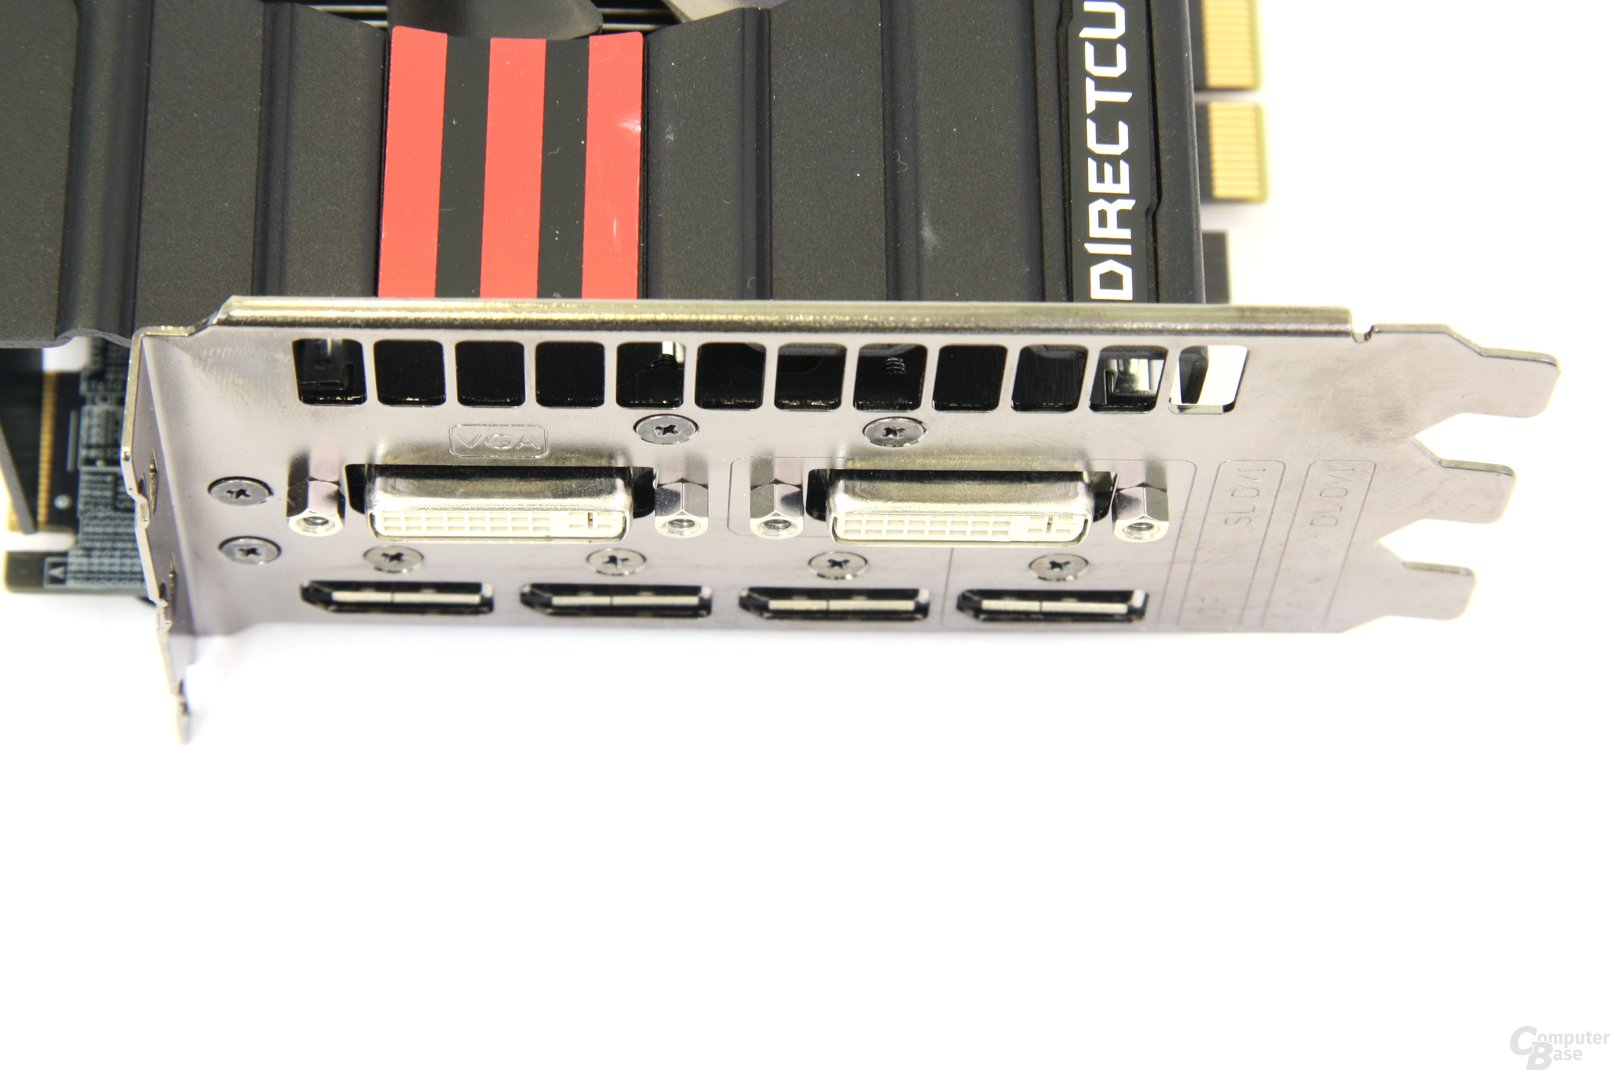 Radeon HD 7970 DCII Anschlüsse